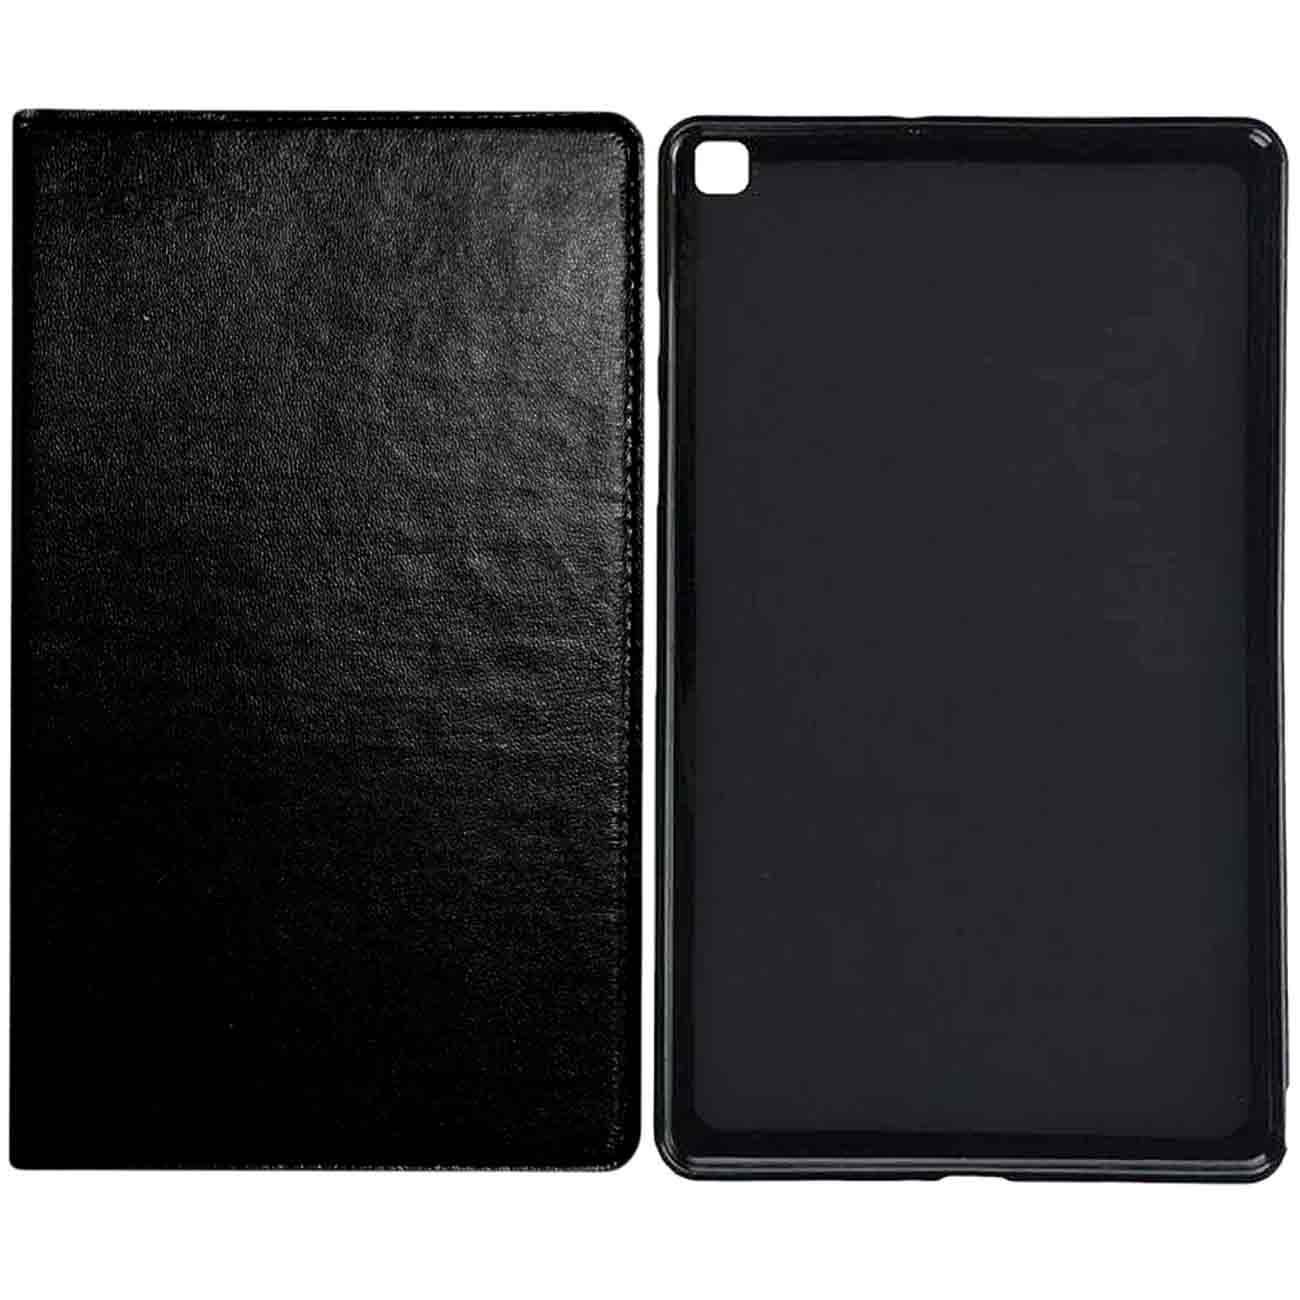 کاور مدل HF مناسب برای تبلت سامسونگ Galaxy Tab A 10.1 2019 به همراه کیف کلاسوری